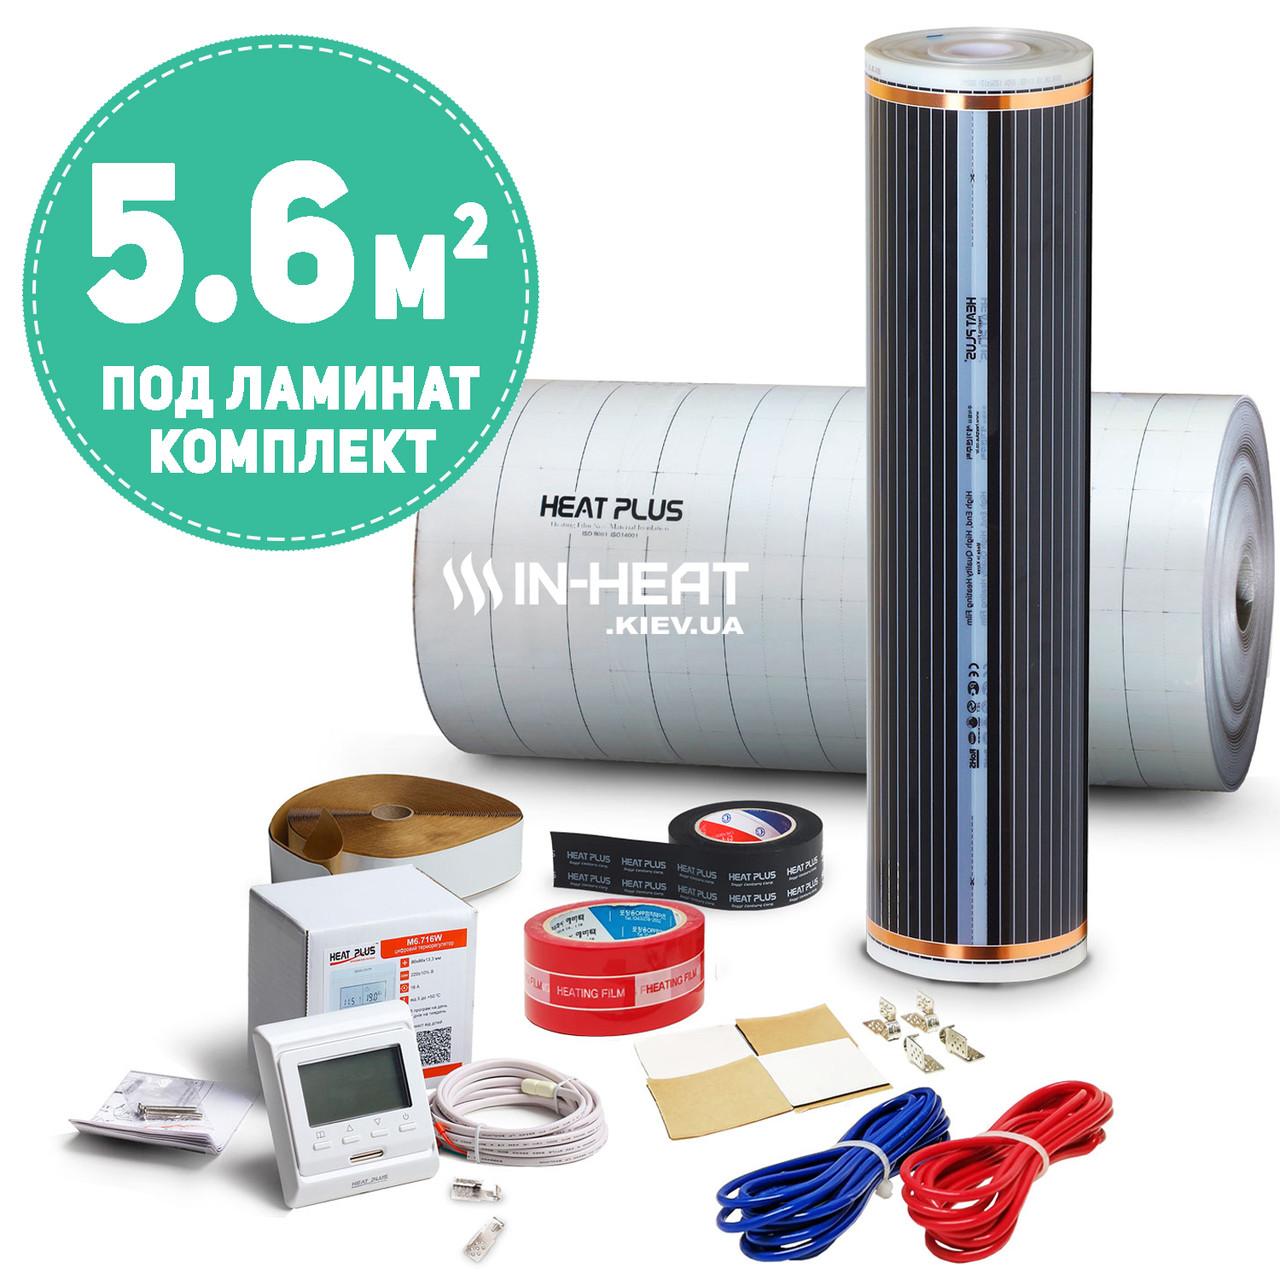 5.6 м² Инфракраный теплый пол под ламинат HEAT PLUS (Хіт Плюс, Корея) / пленочный теплый пол комплект